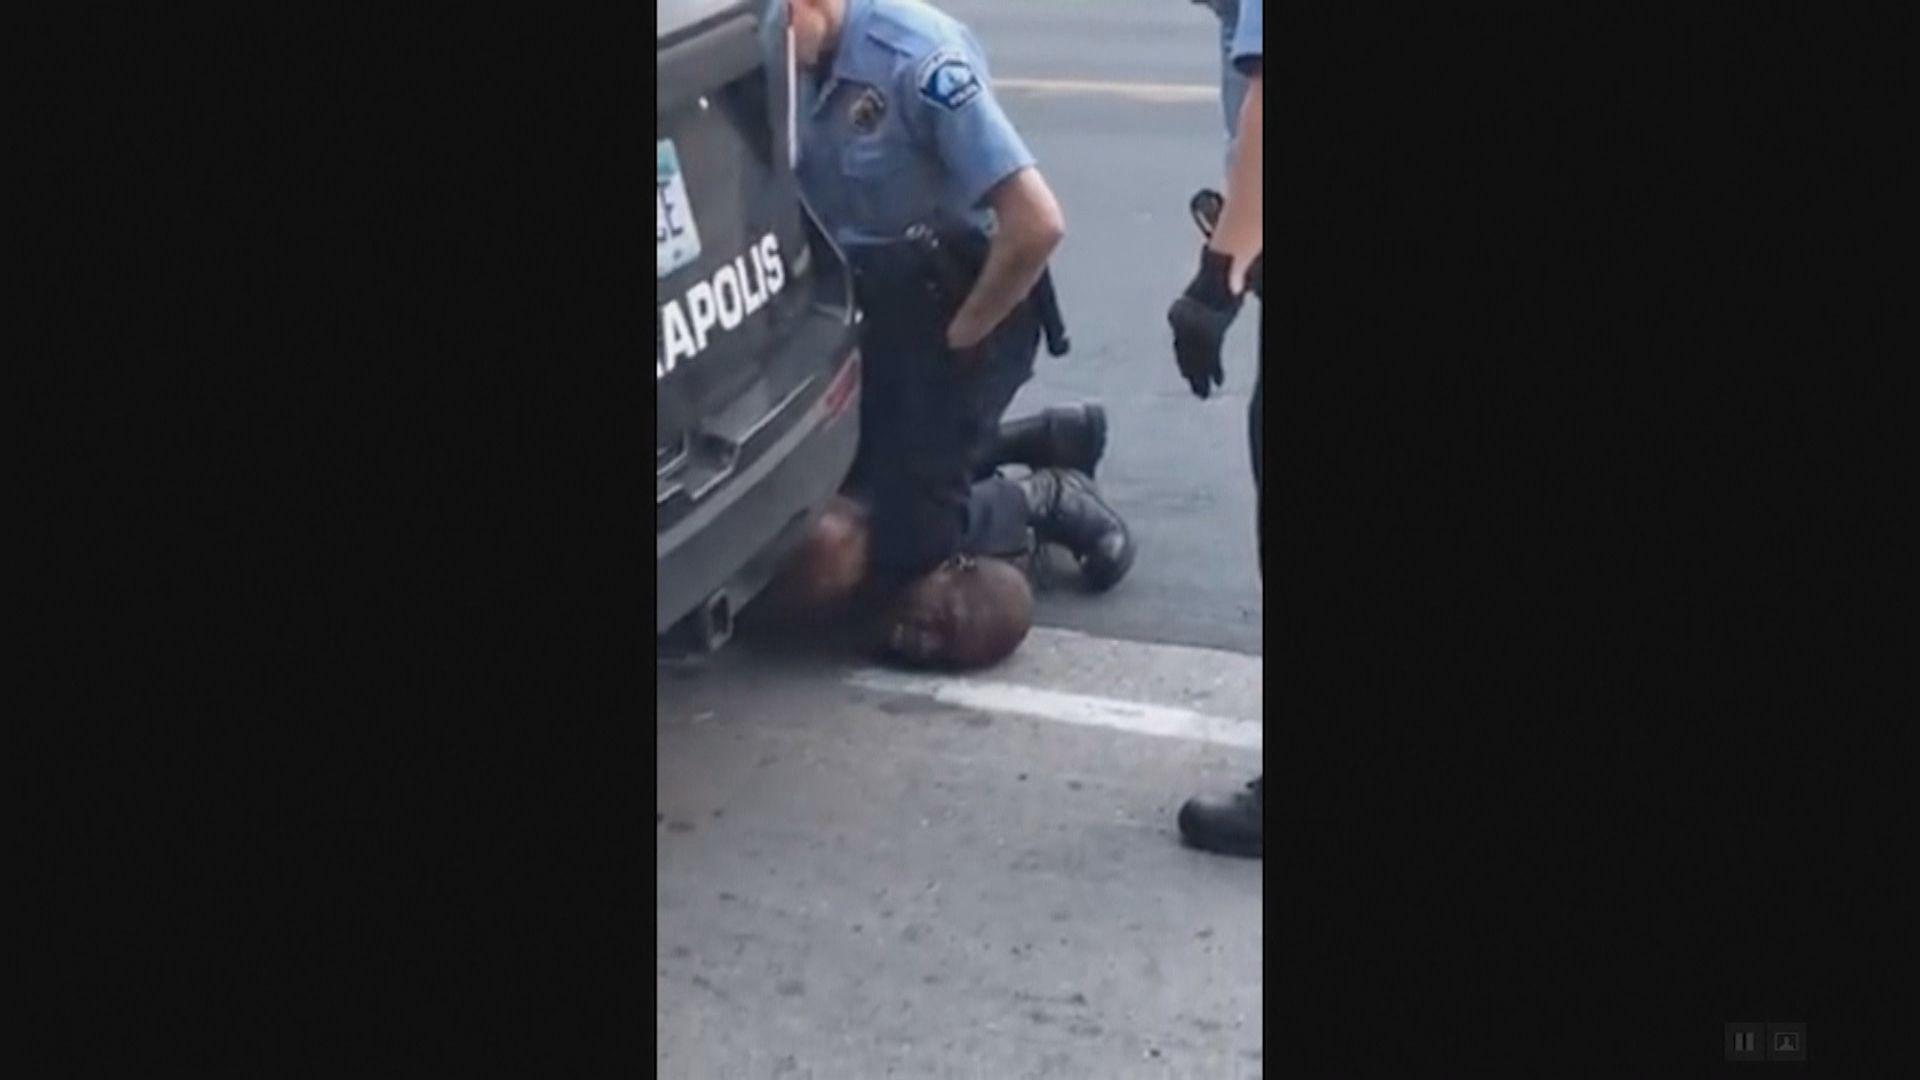 美黑人跪頸案 警方作證指沒需要跪頸制服死者